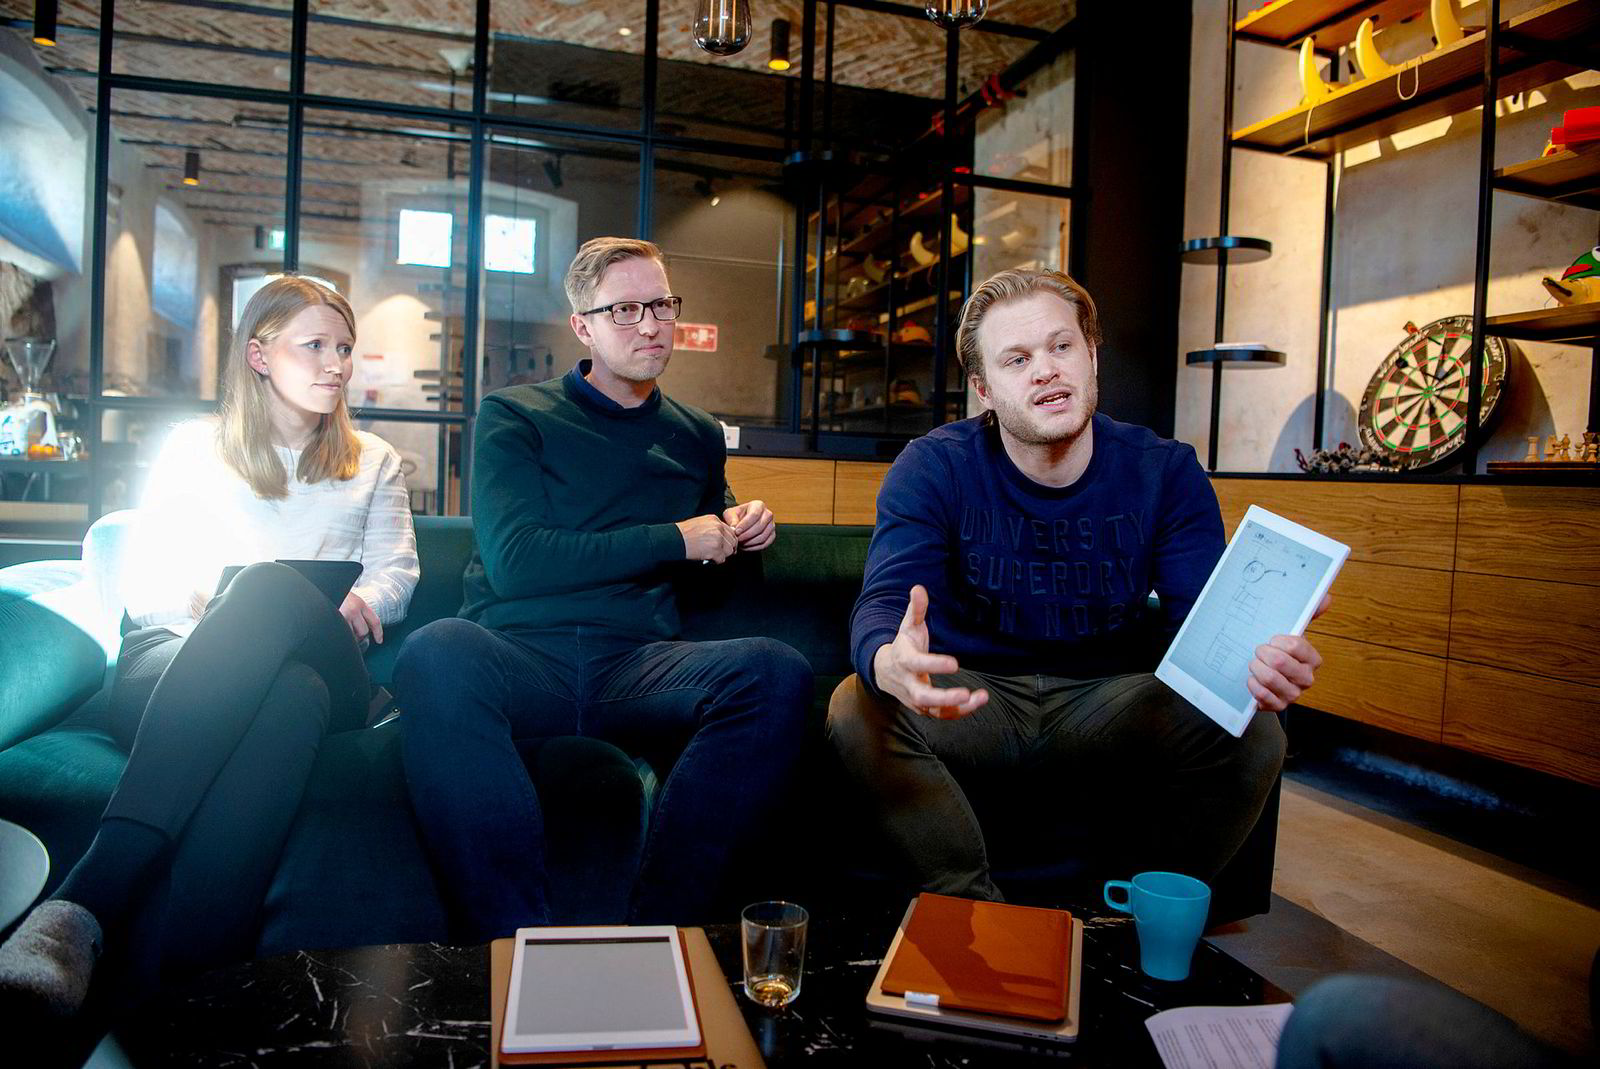 Remarkable, her representert ved Jannicke Soløy Sletten, leder for detaljhandelsalget, kommunikasjonssjef Henrik Gustav Faller og gründer og daglig leder Magnus Haug Wanberg.